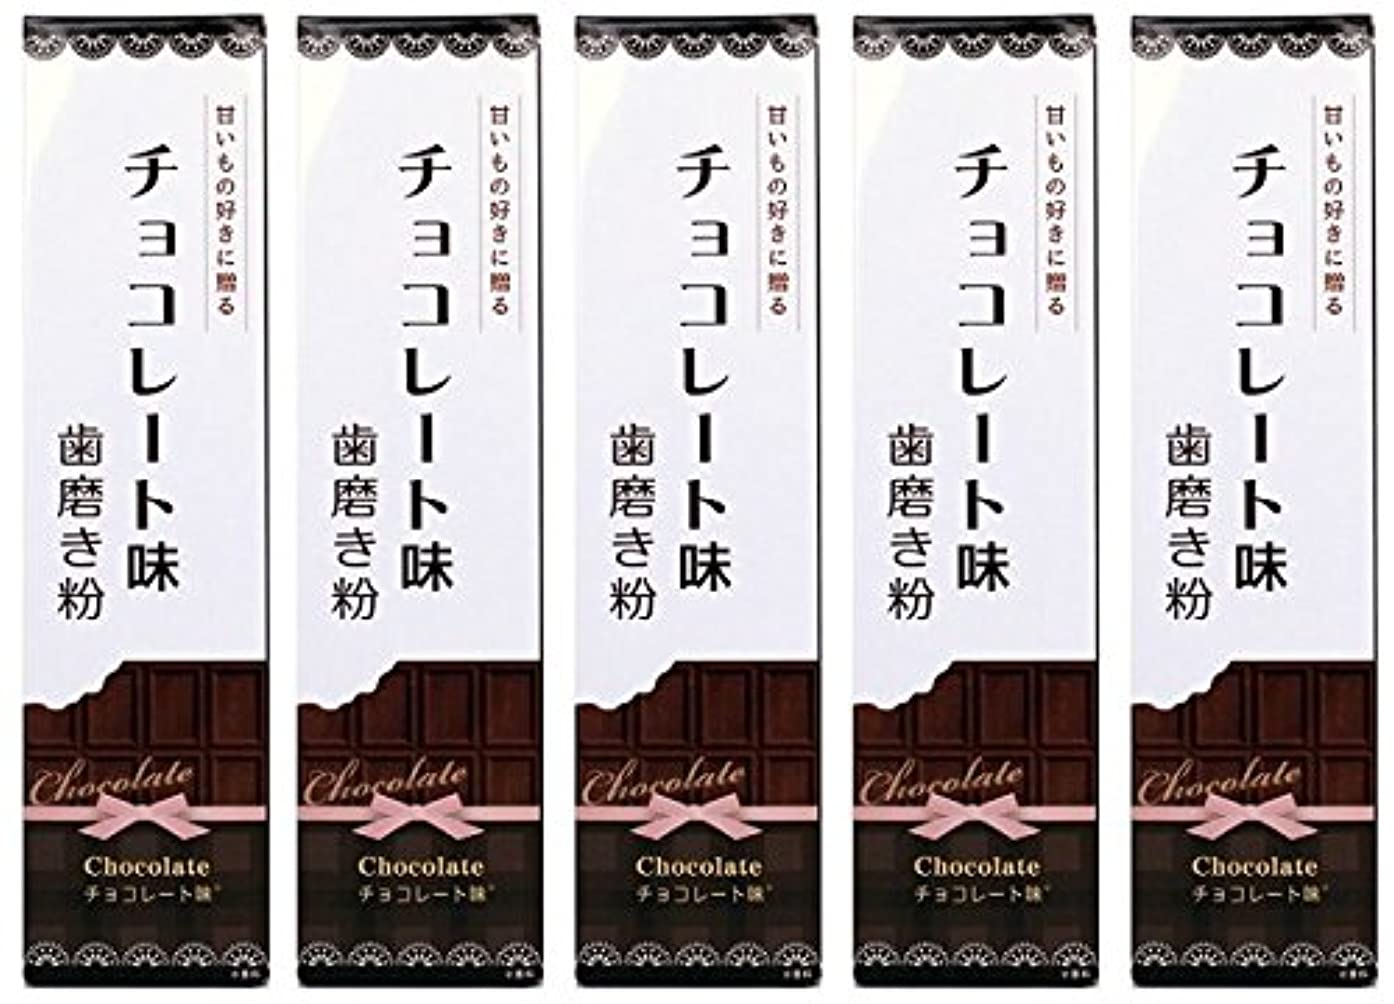 破裂招待アイスクリームSWEETS 歯磨き粉 チョコレート味 70g (5本)